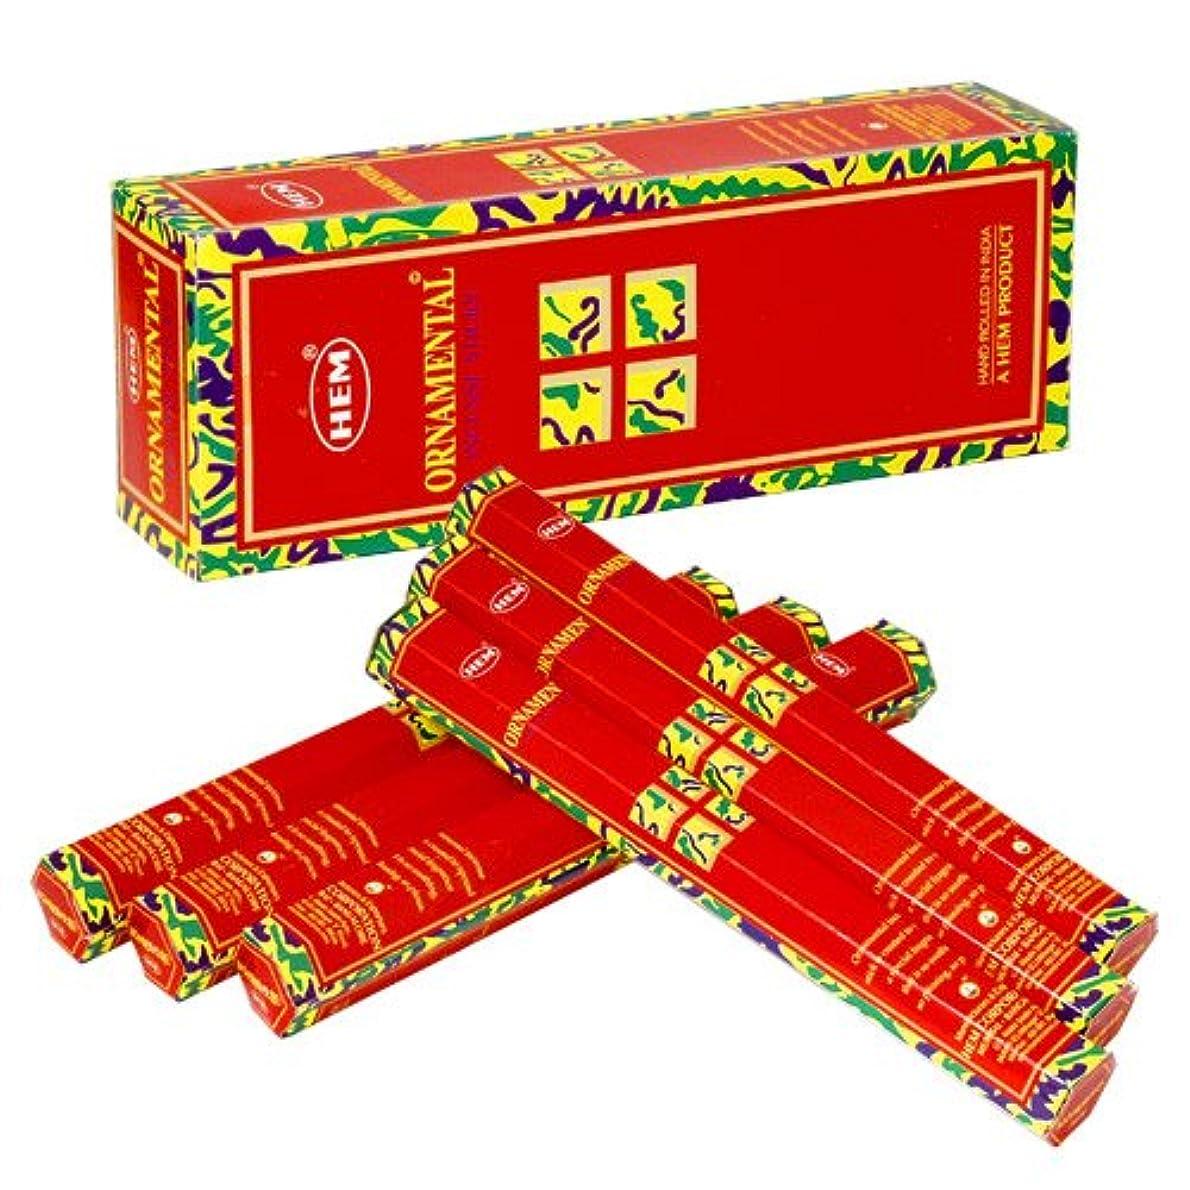 確立します硫黄夫婦HEM (ヘム) インセンス スティック へキサパック オーナメンタル 6角(20本入)×6箱 [並行輸入品]